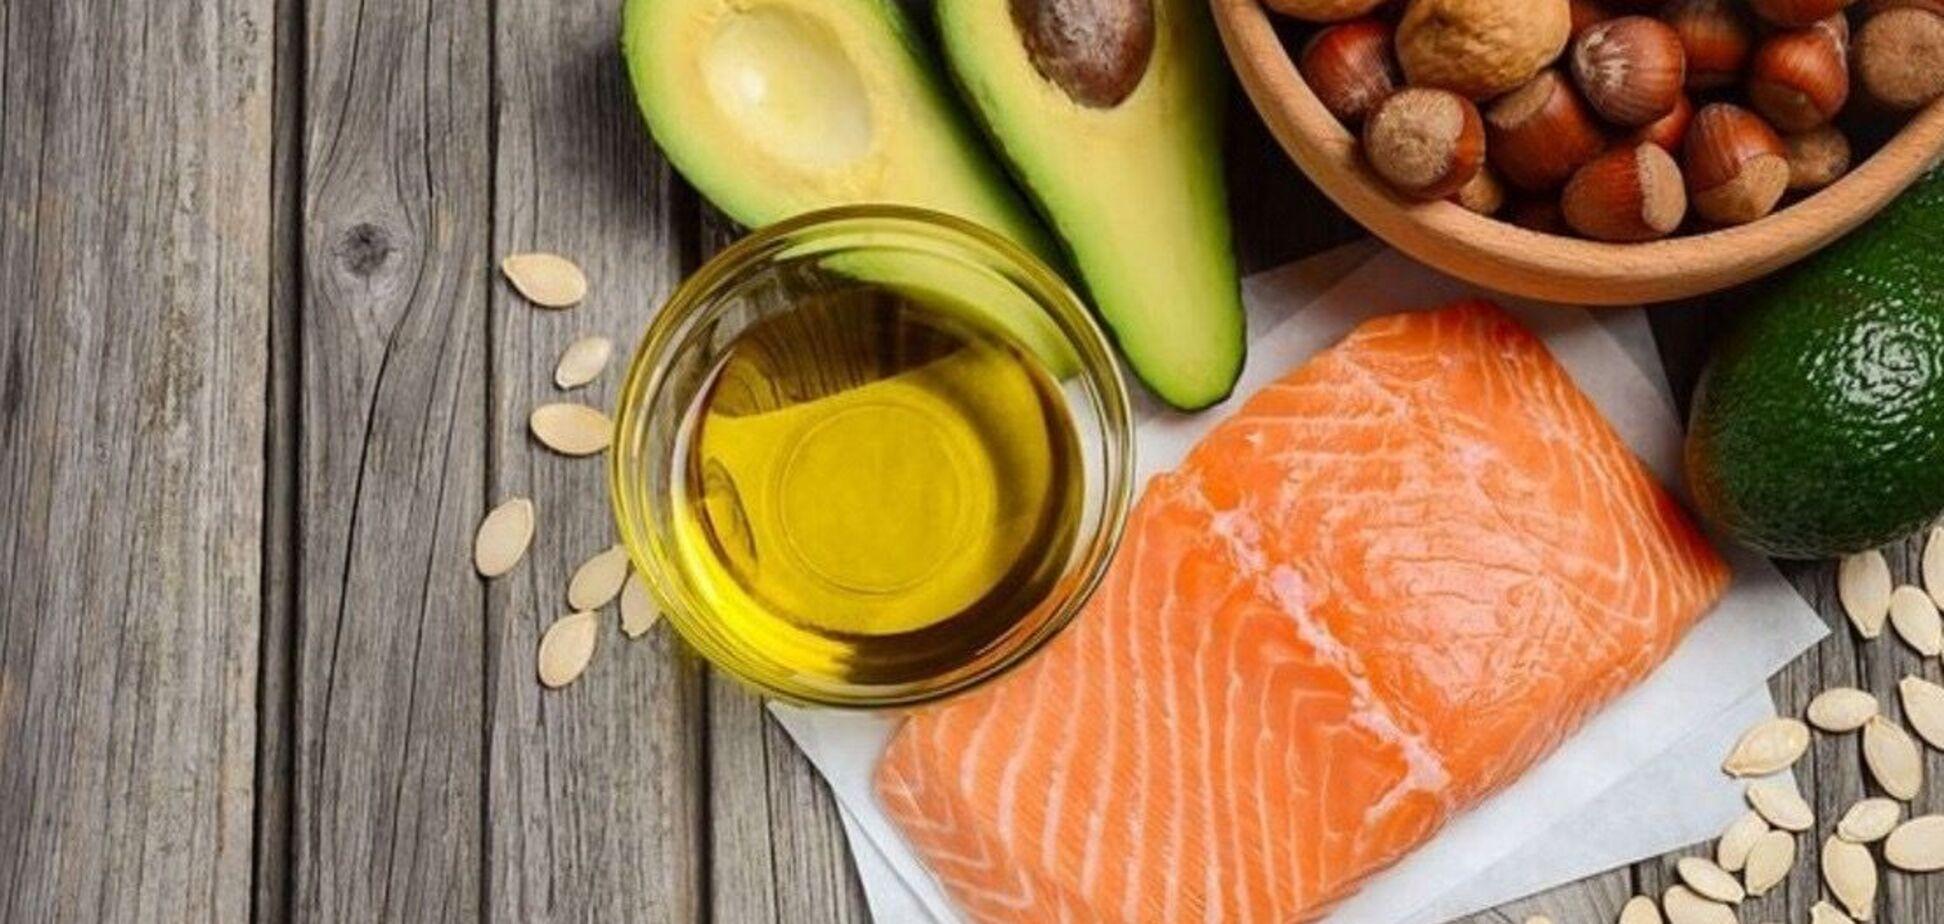 Полезные жиры: что есть, чтобы худеть